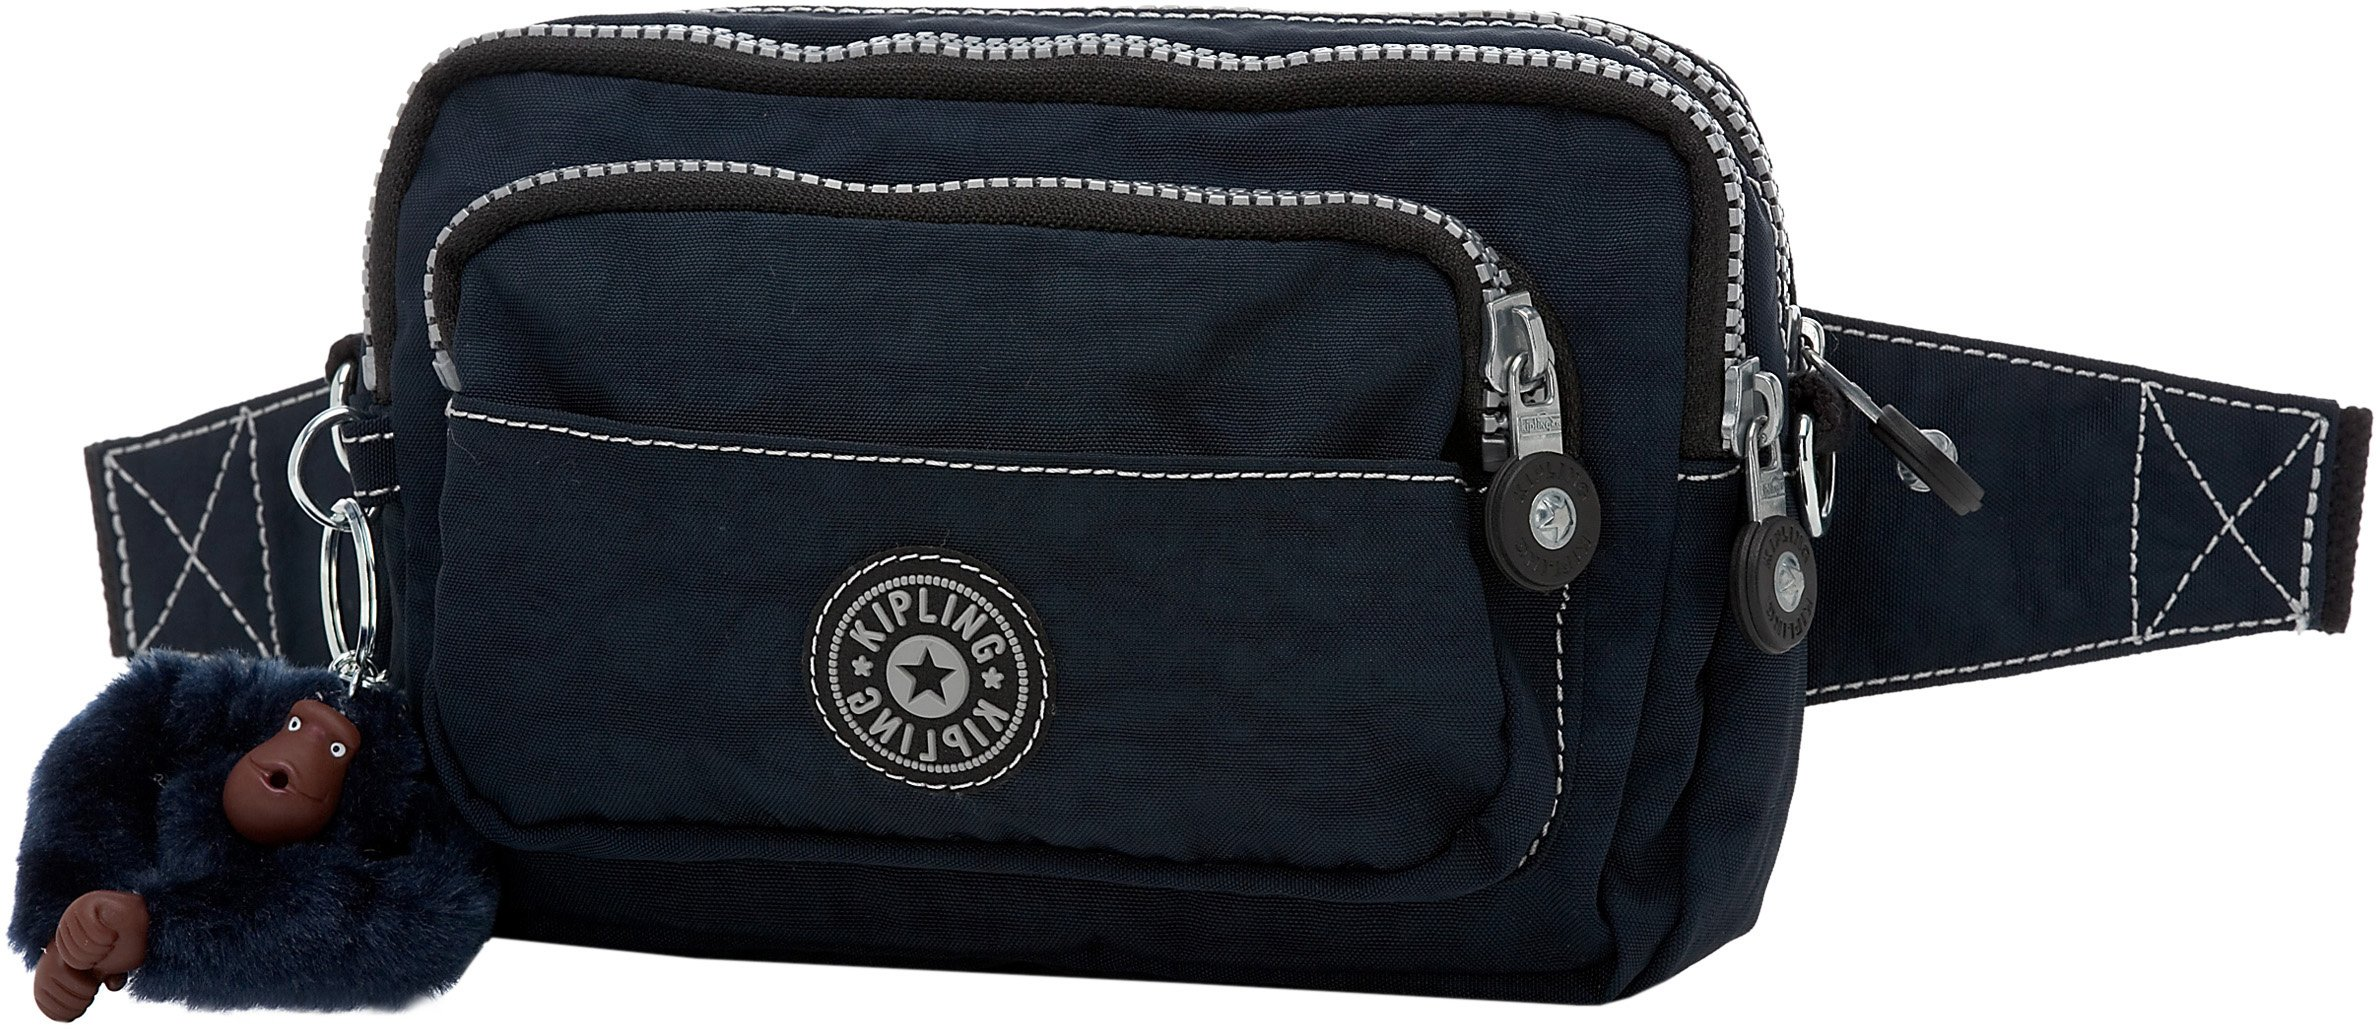 Kipling Merryl Waist bag,True Blue,One Size